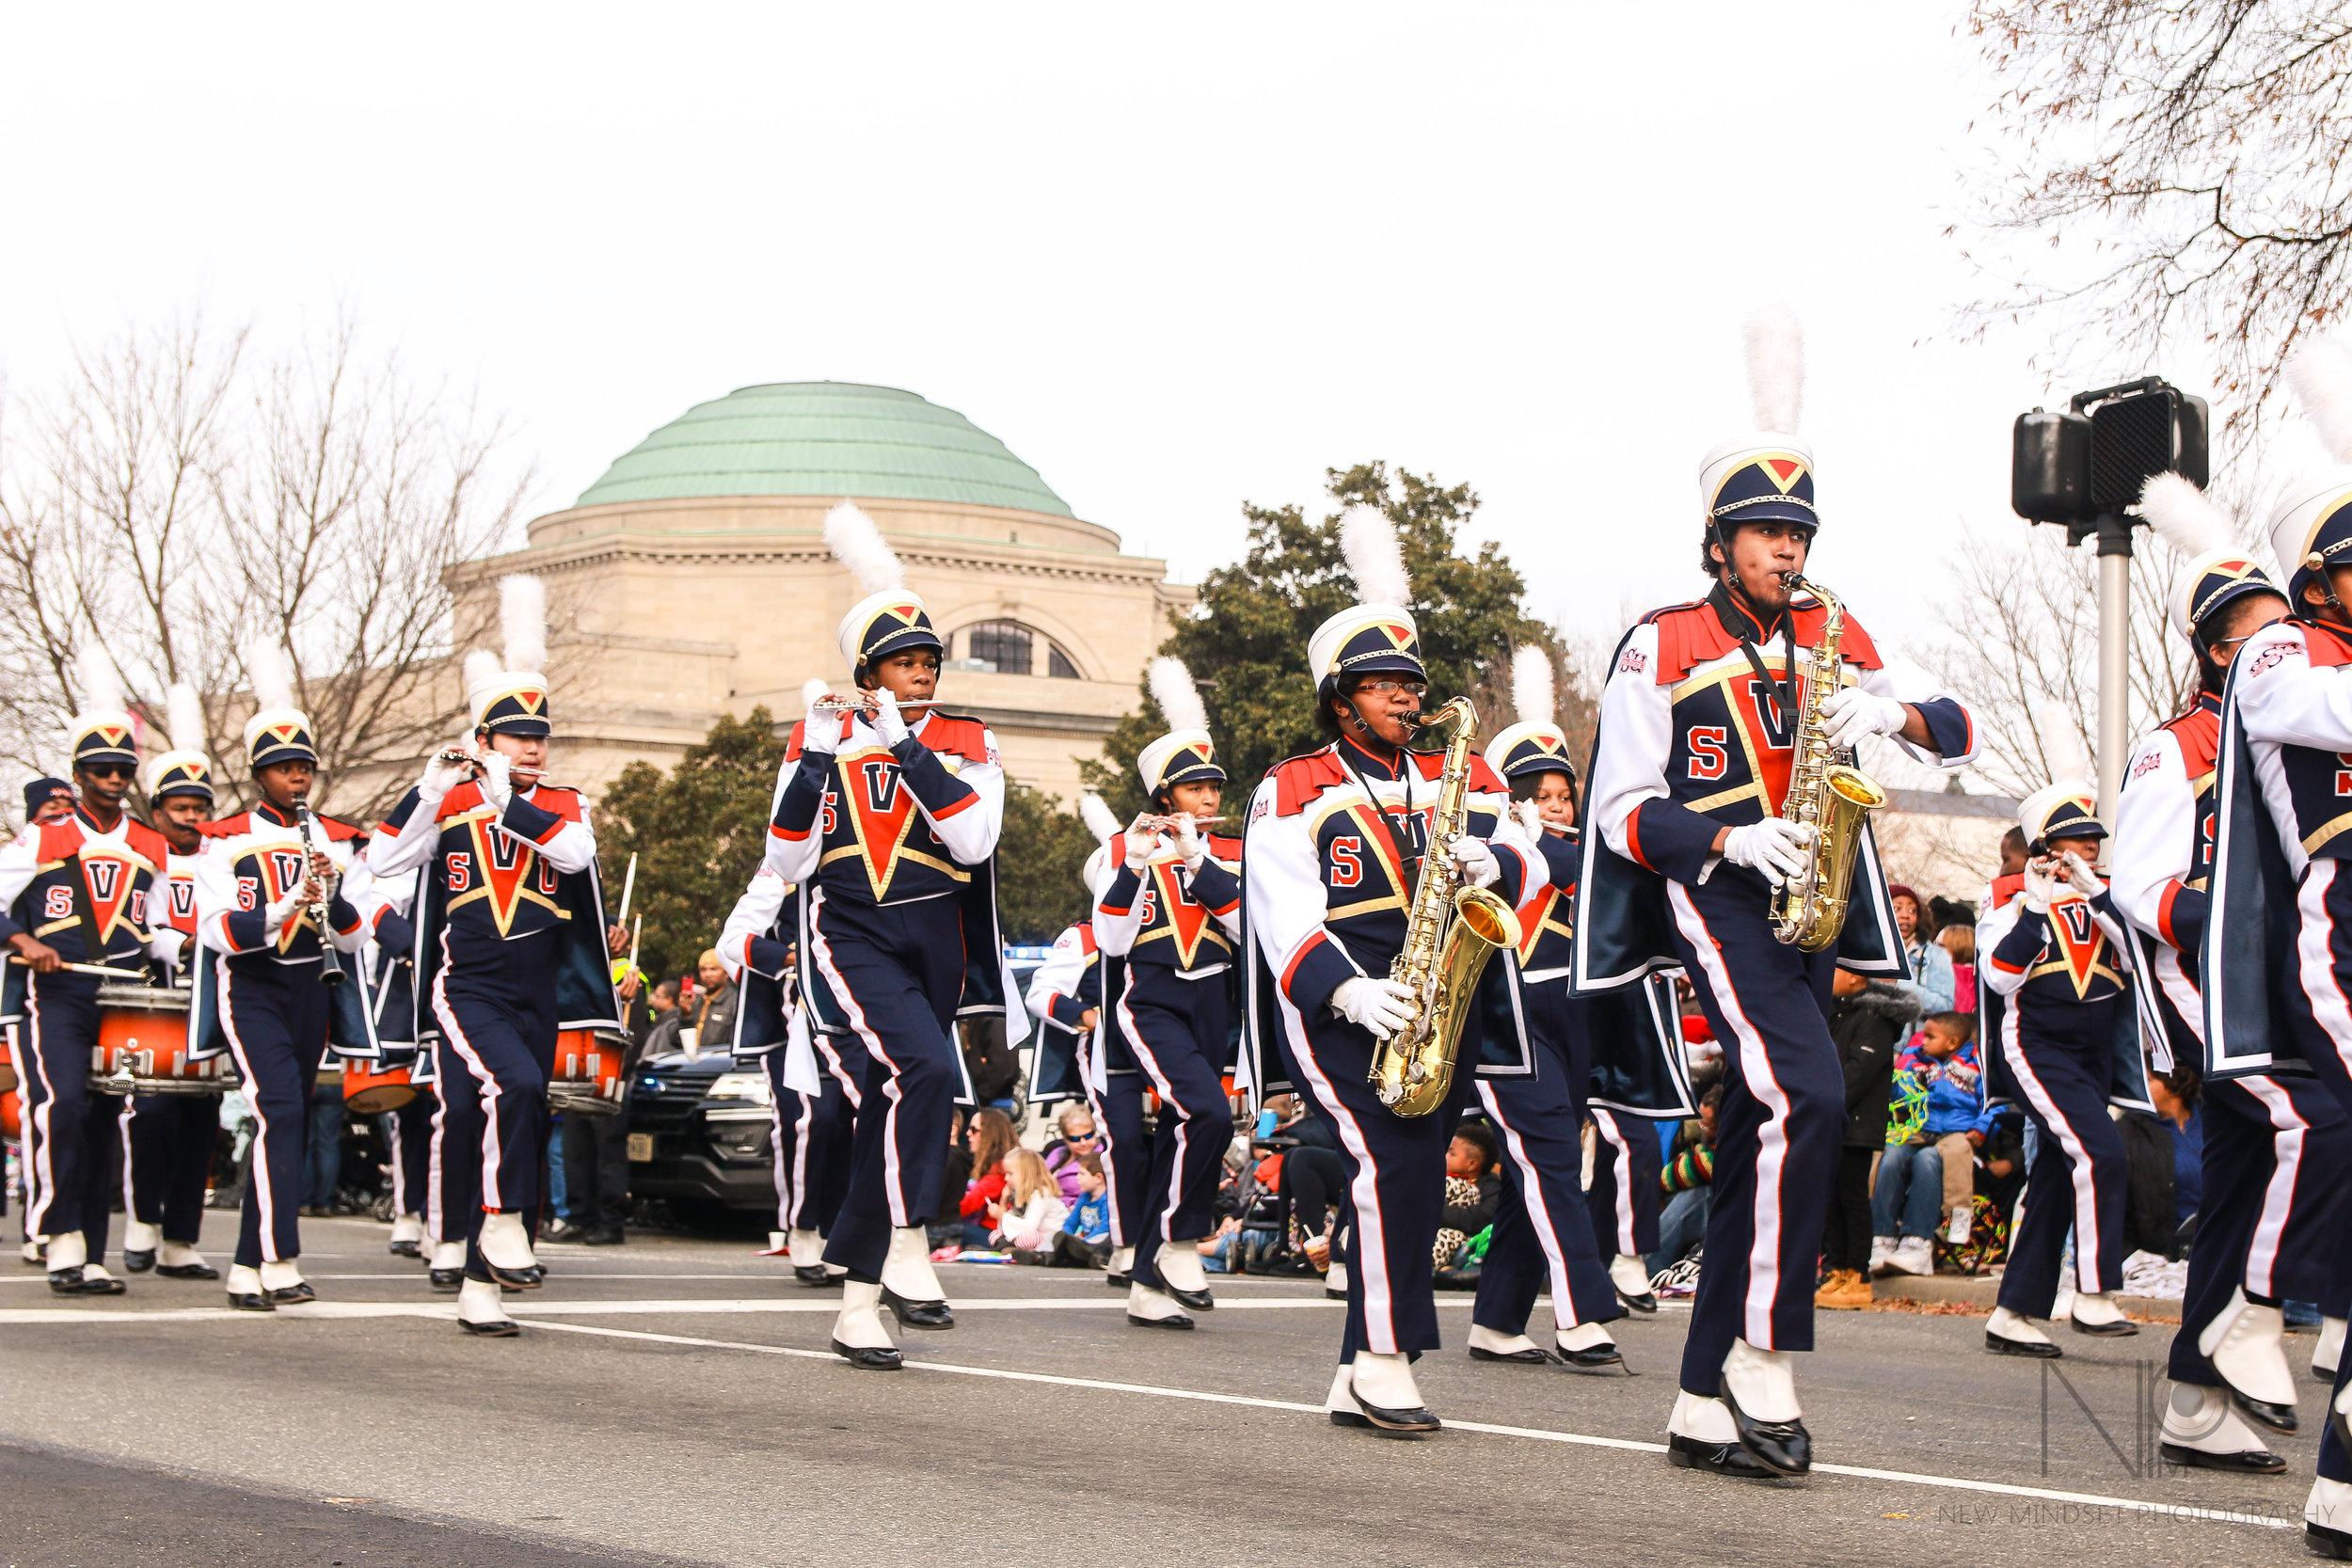 christparade17-17.jpg